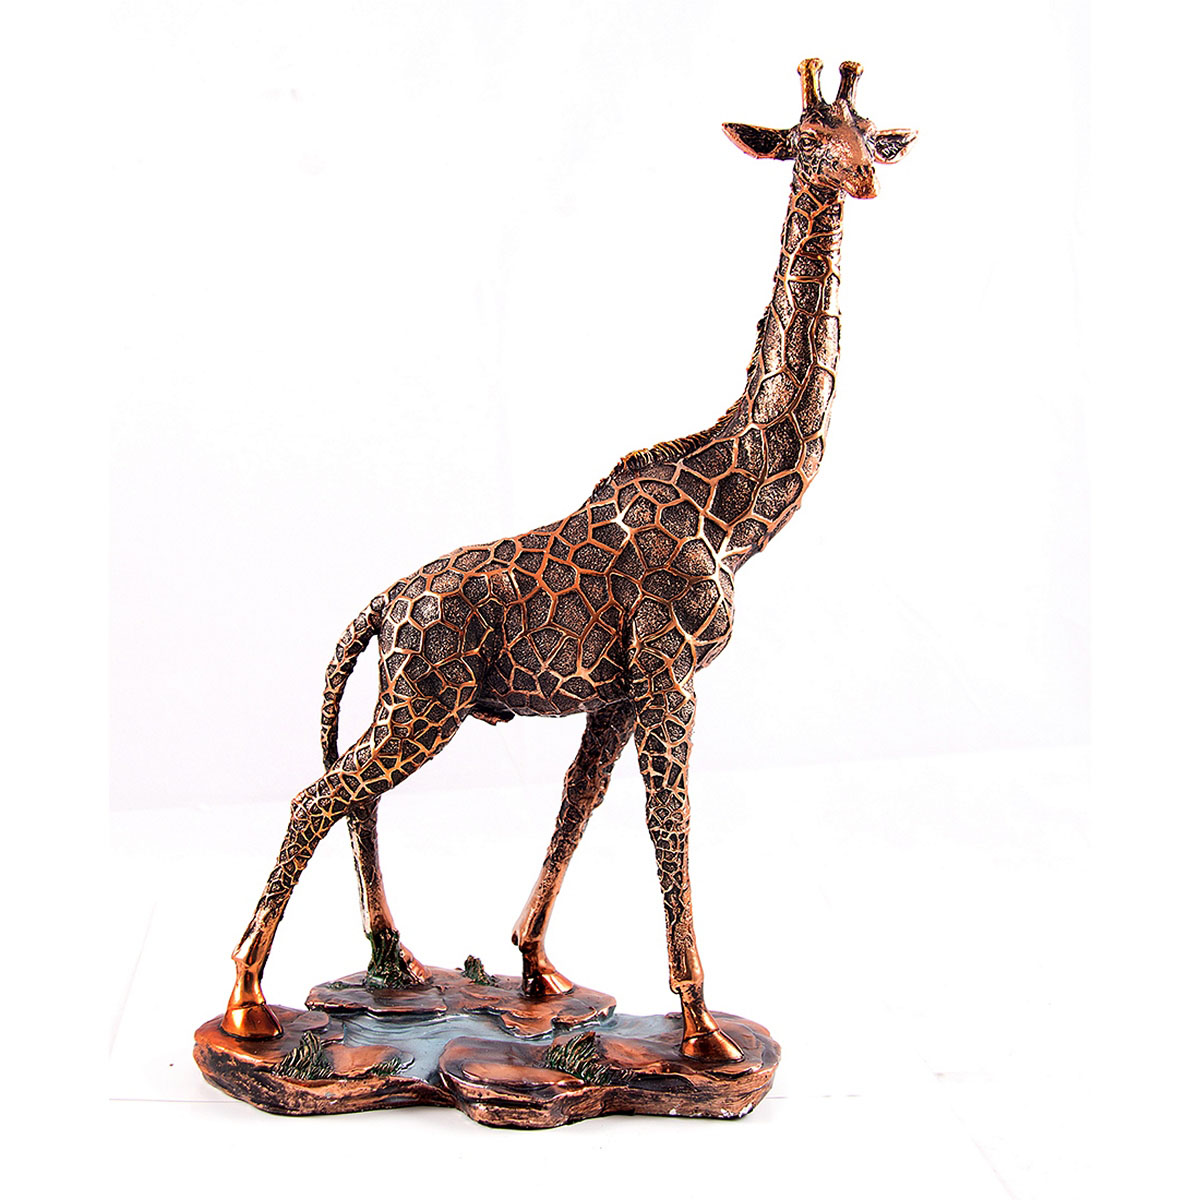 Статуэтка Русские Подарки Жираф, 25 х 37 см127579Статуэтка Русские Подарки Жираф, изготовленная изполистоуна, имеет изысканный внешний вид. Изделие станет прекрасным украшением интерьерагостиной, офиса или дома. Вы можете поставить статуэтку влюбое место, где она будет удачно смотреться и радоватьглаз. Правила ухода: регулярно вытирать пыль сухой, мягкой тканью.